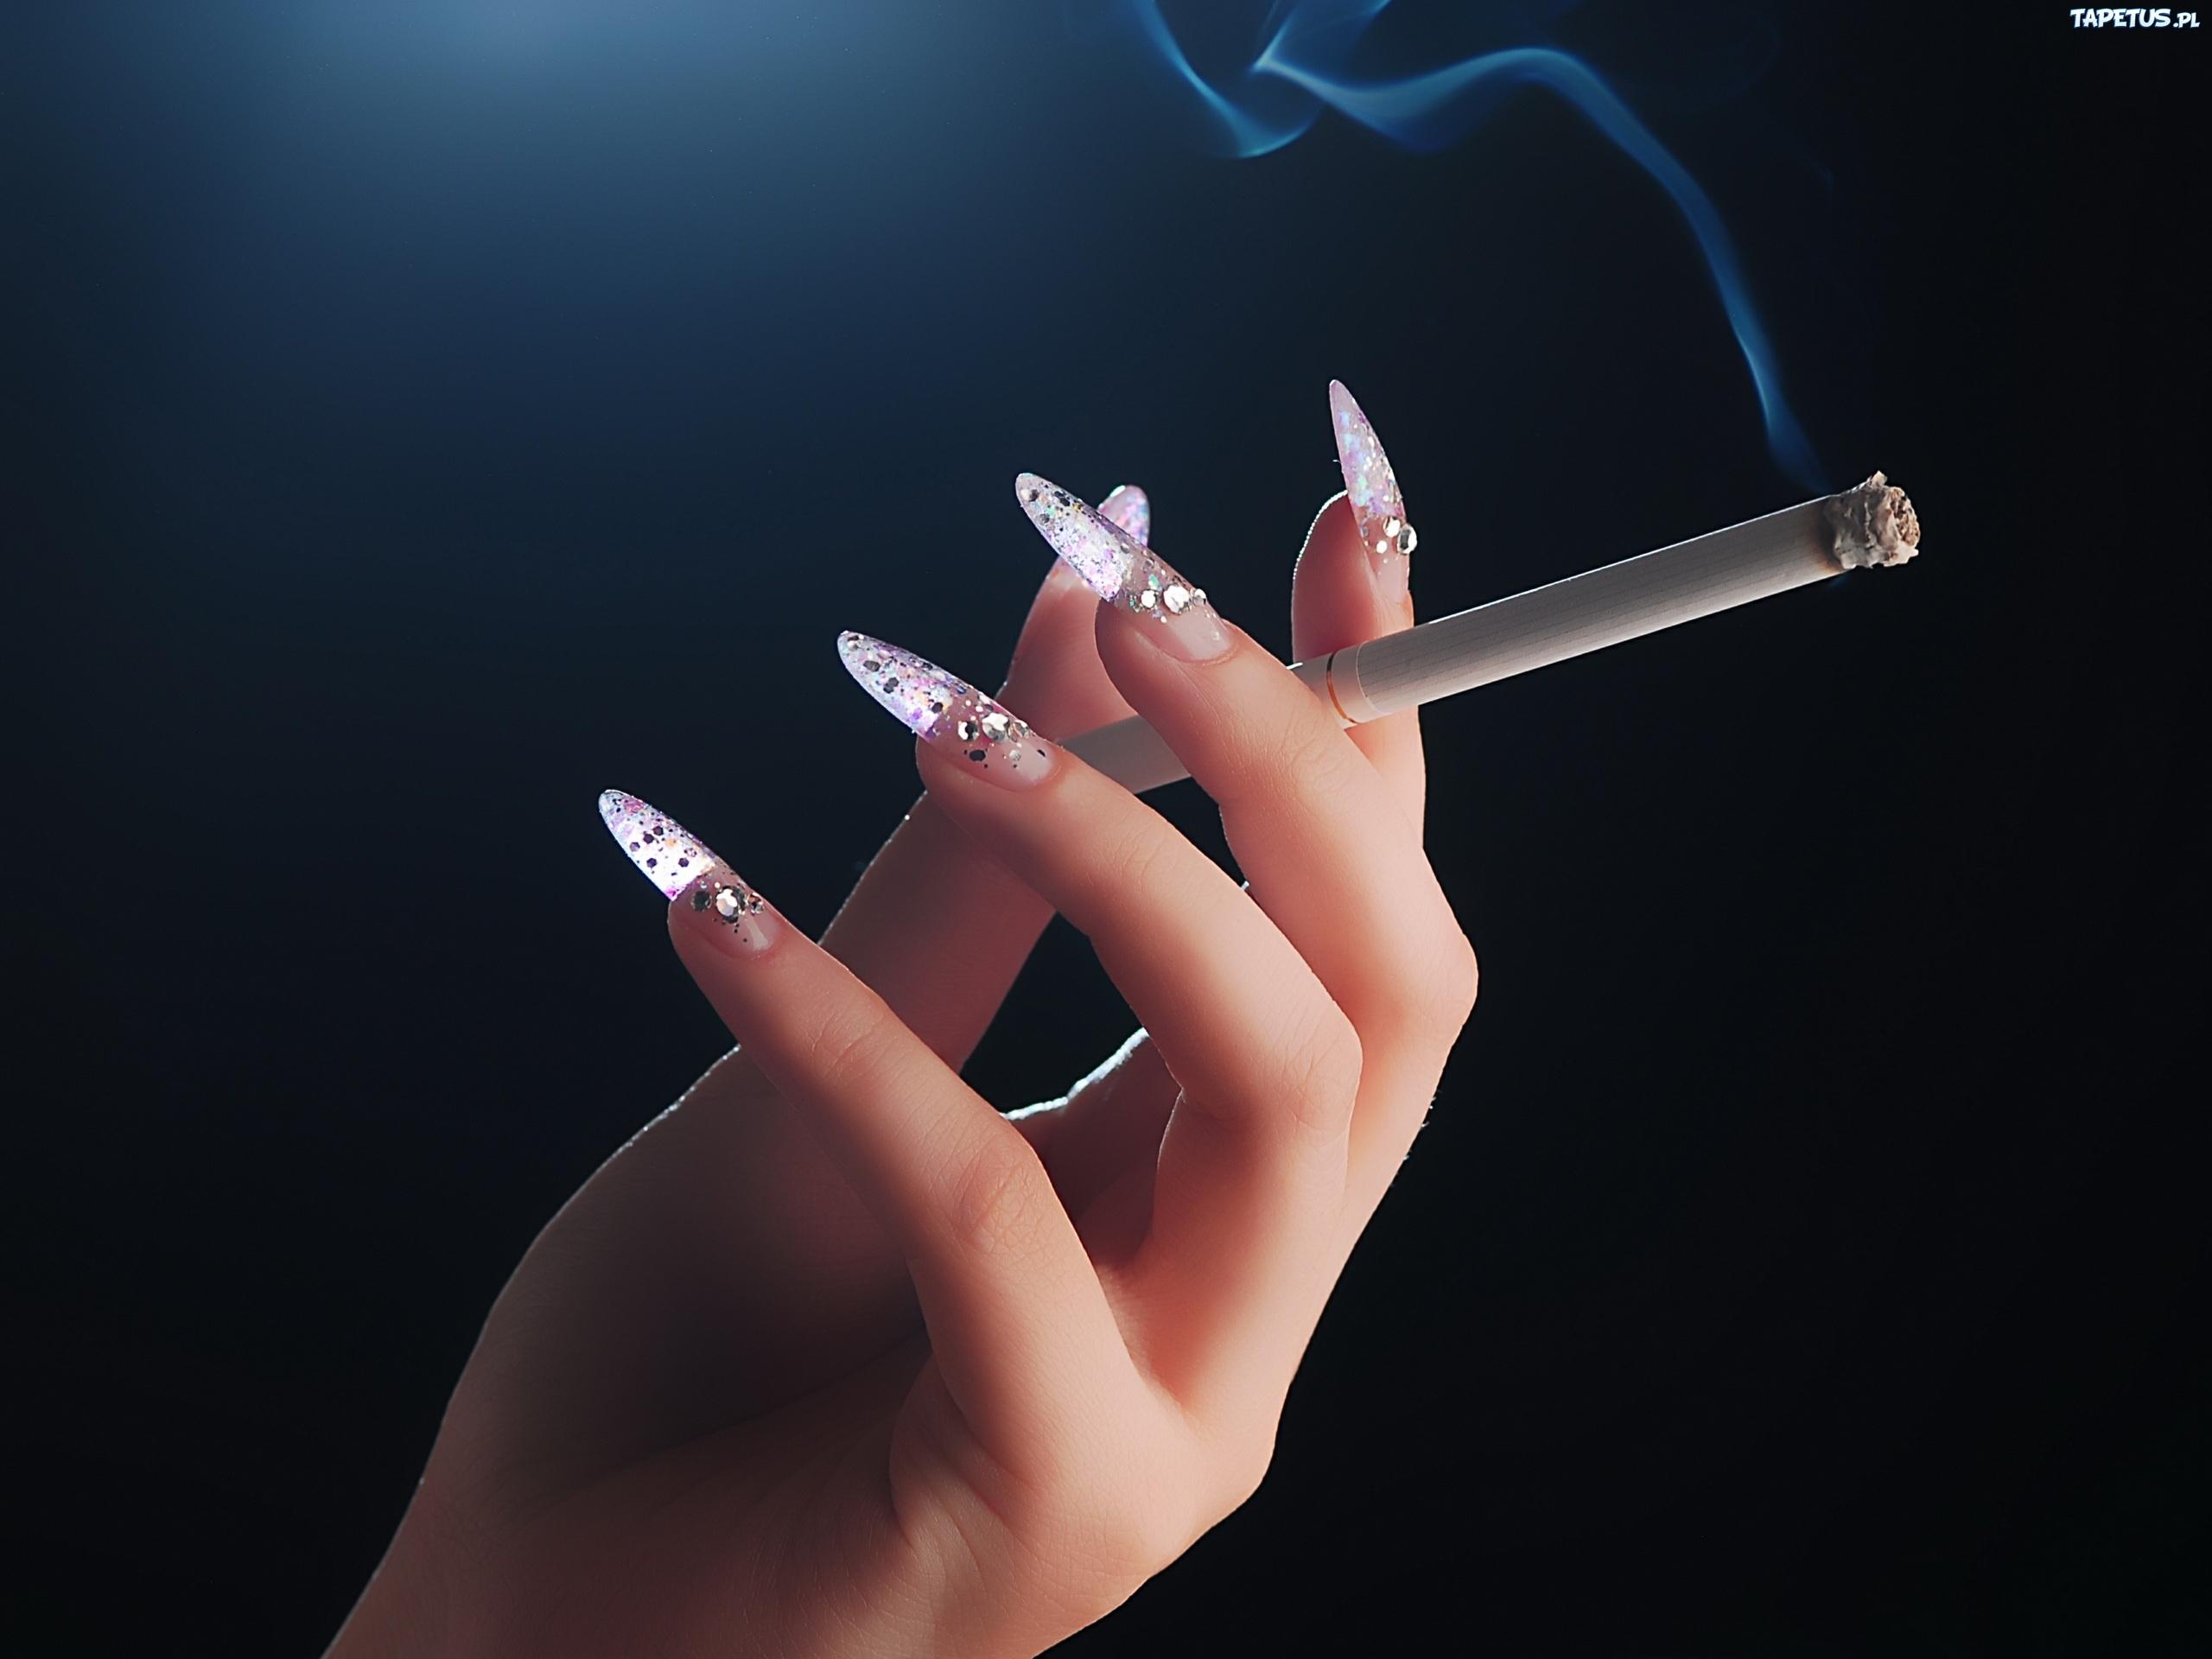 Фото сигарет в руках у девушки